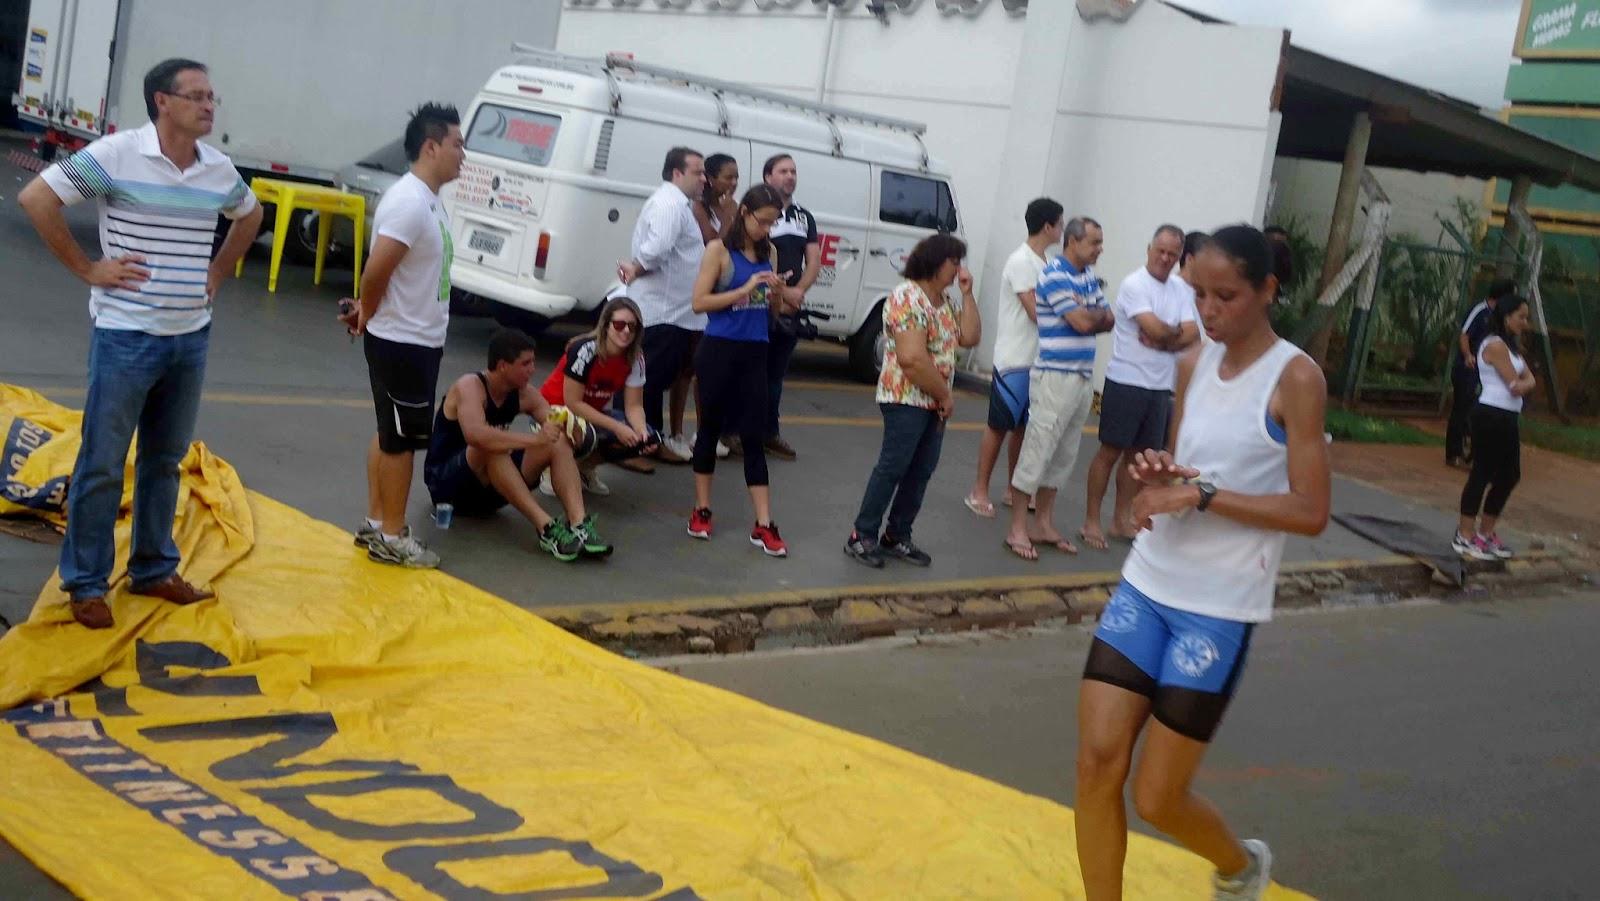 Foto 134 da 1ª Corrida Av. dos Coqueiros em Barretos-SP 14/04/2013 – Atletas cruzando a linha de chegada